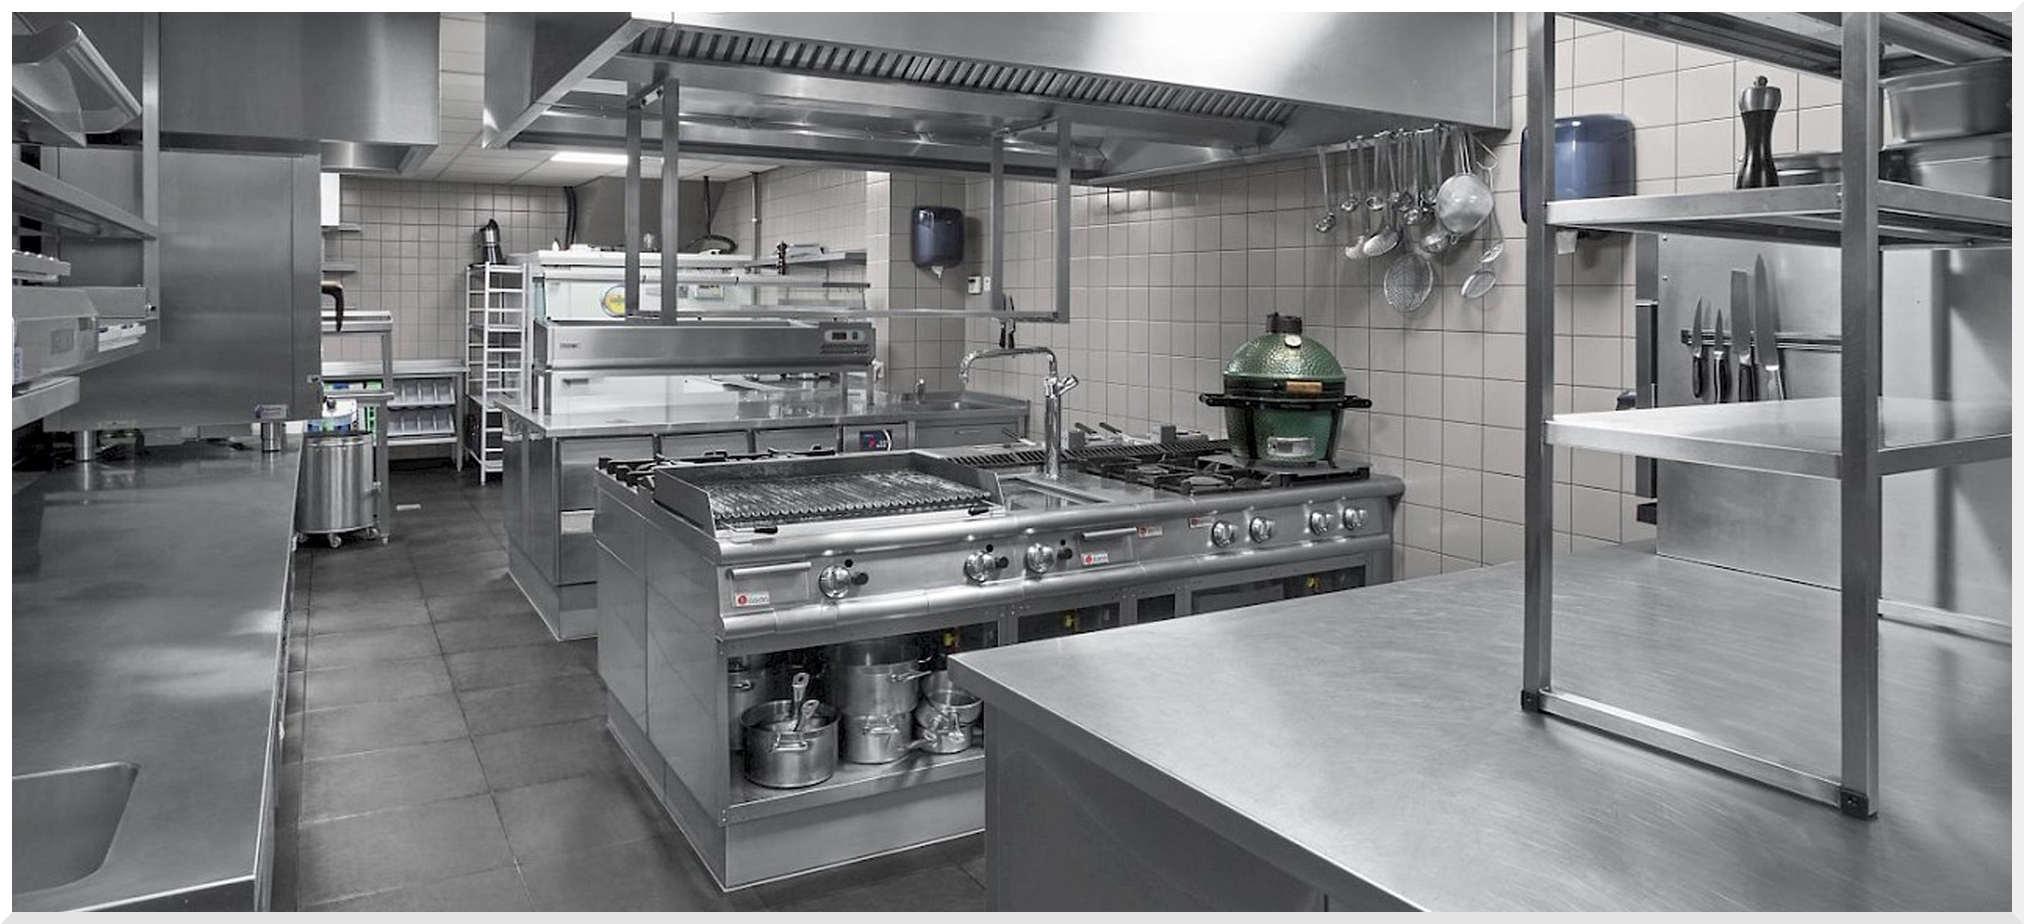 cocina-industrial-inoxidable